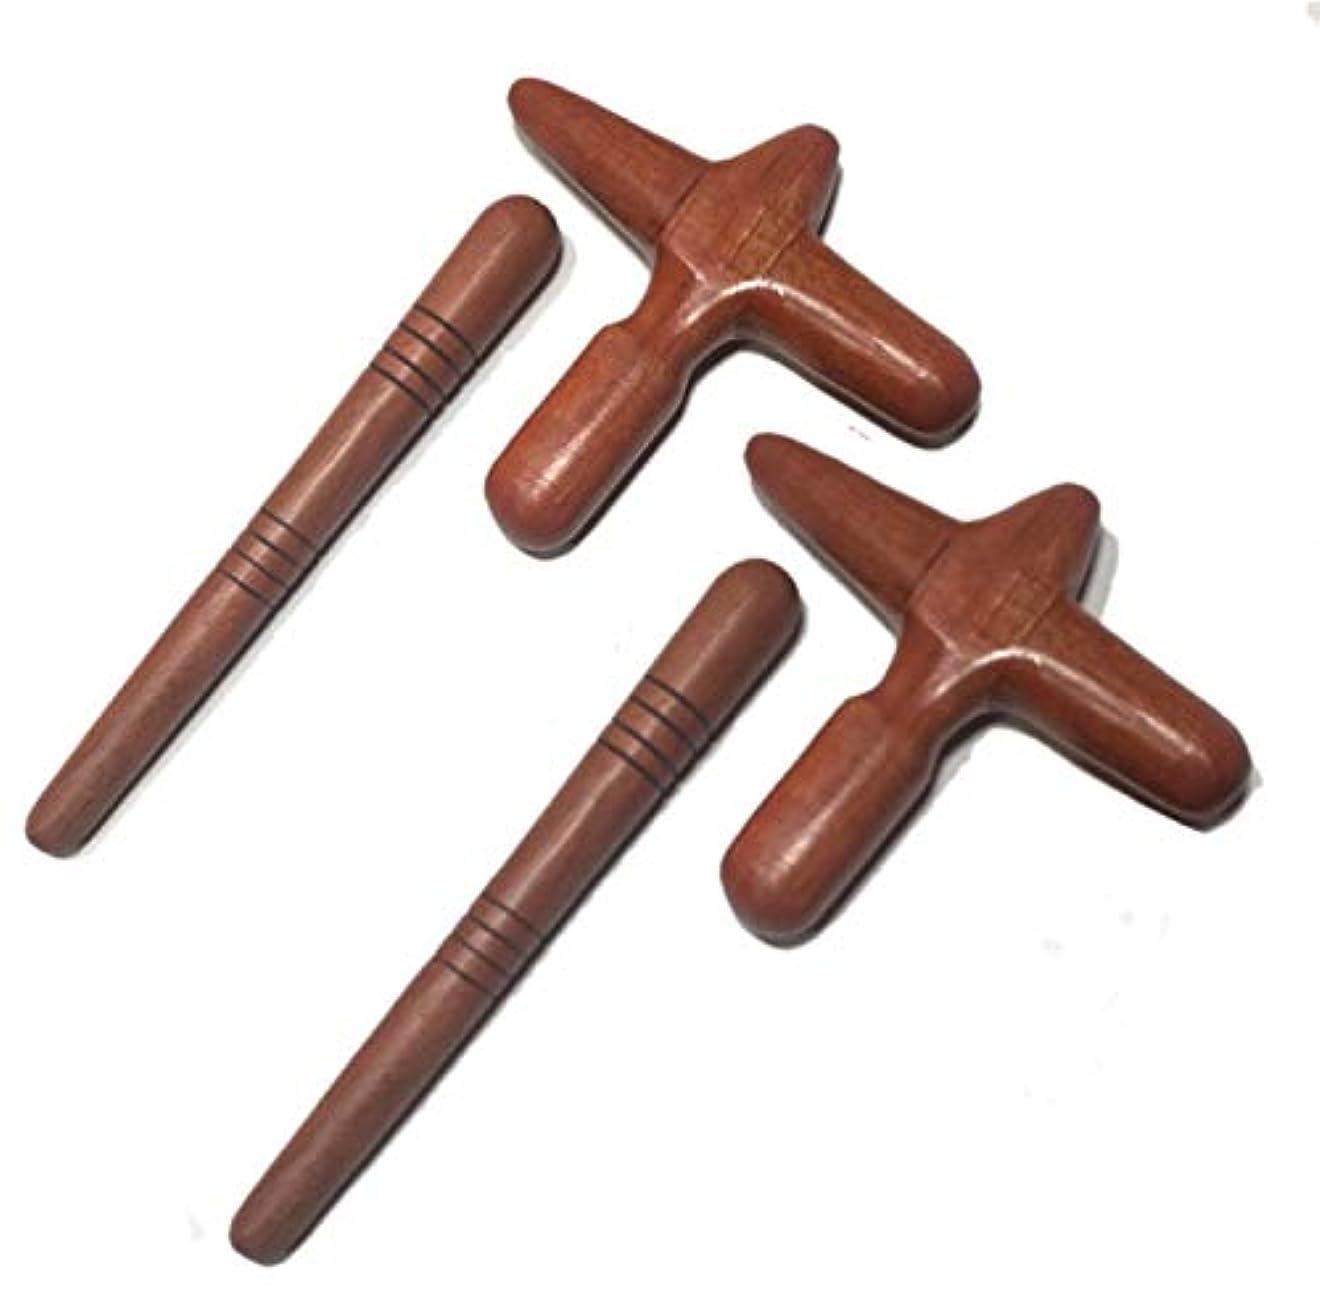 こっそり素朴なチェスをする木製 ツボ押し棒 2種類×2セット 足裏マッサージ棒 足つぼ フットマッサージ棒 (2)